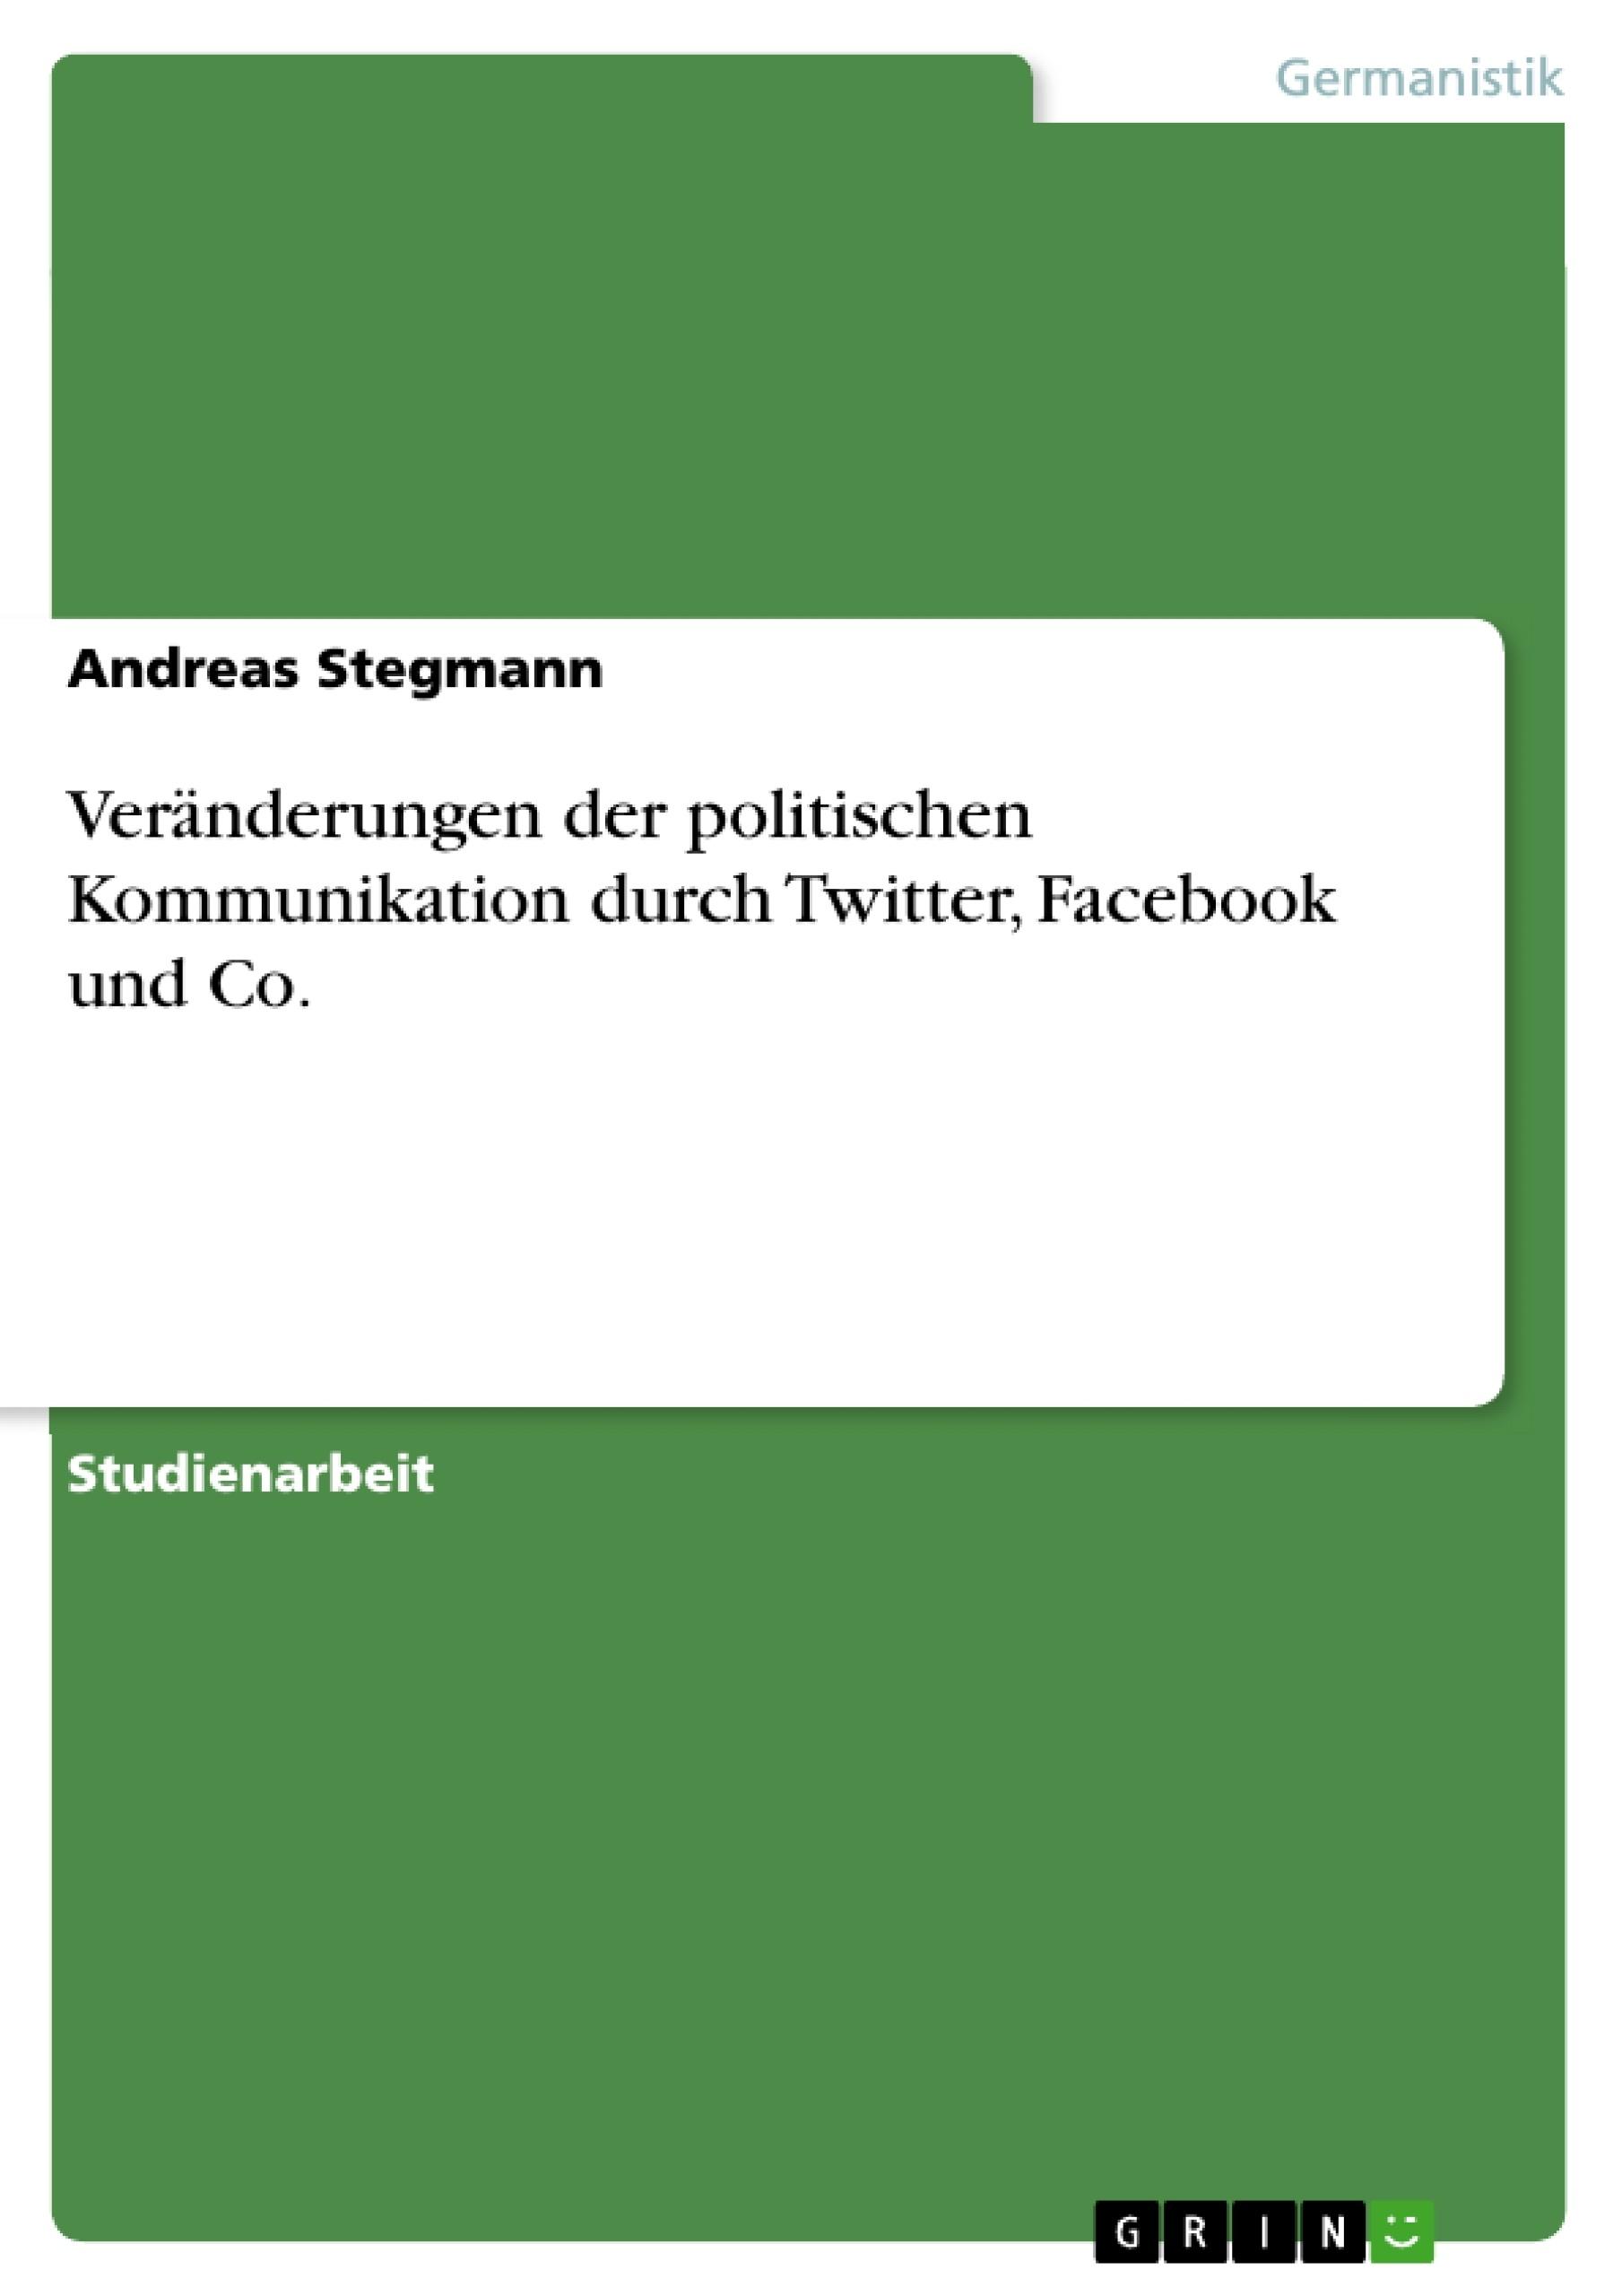 Titel: Veränderungen der politischen Kommunikation durch Twitter, Facebook und Co.